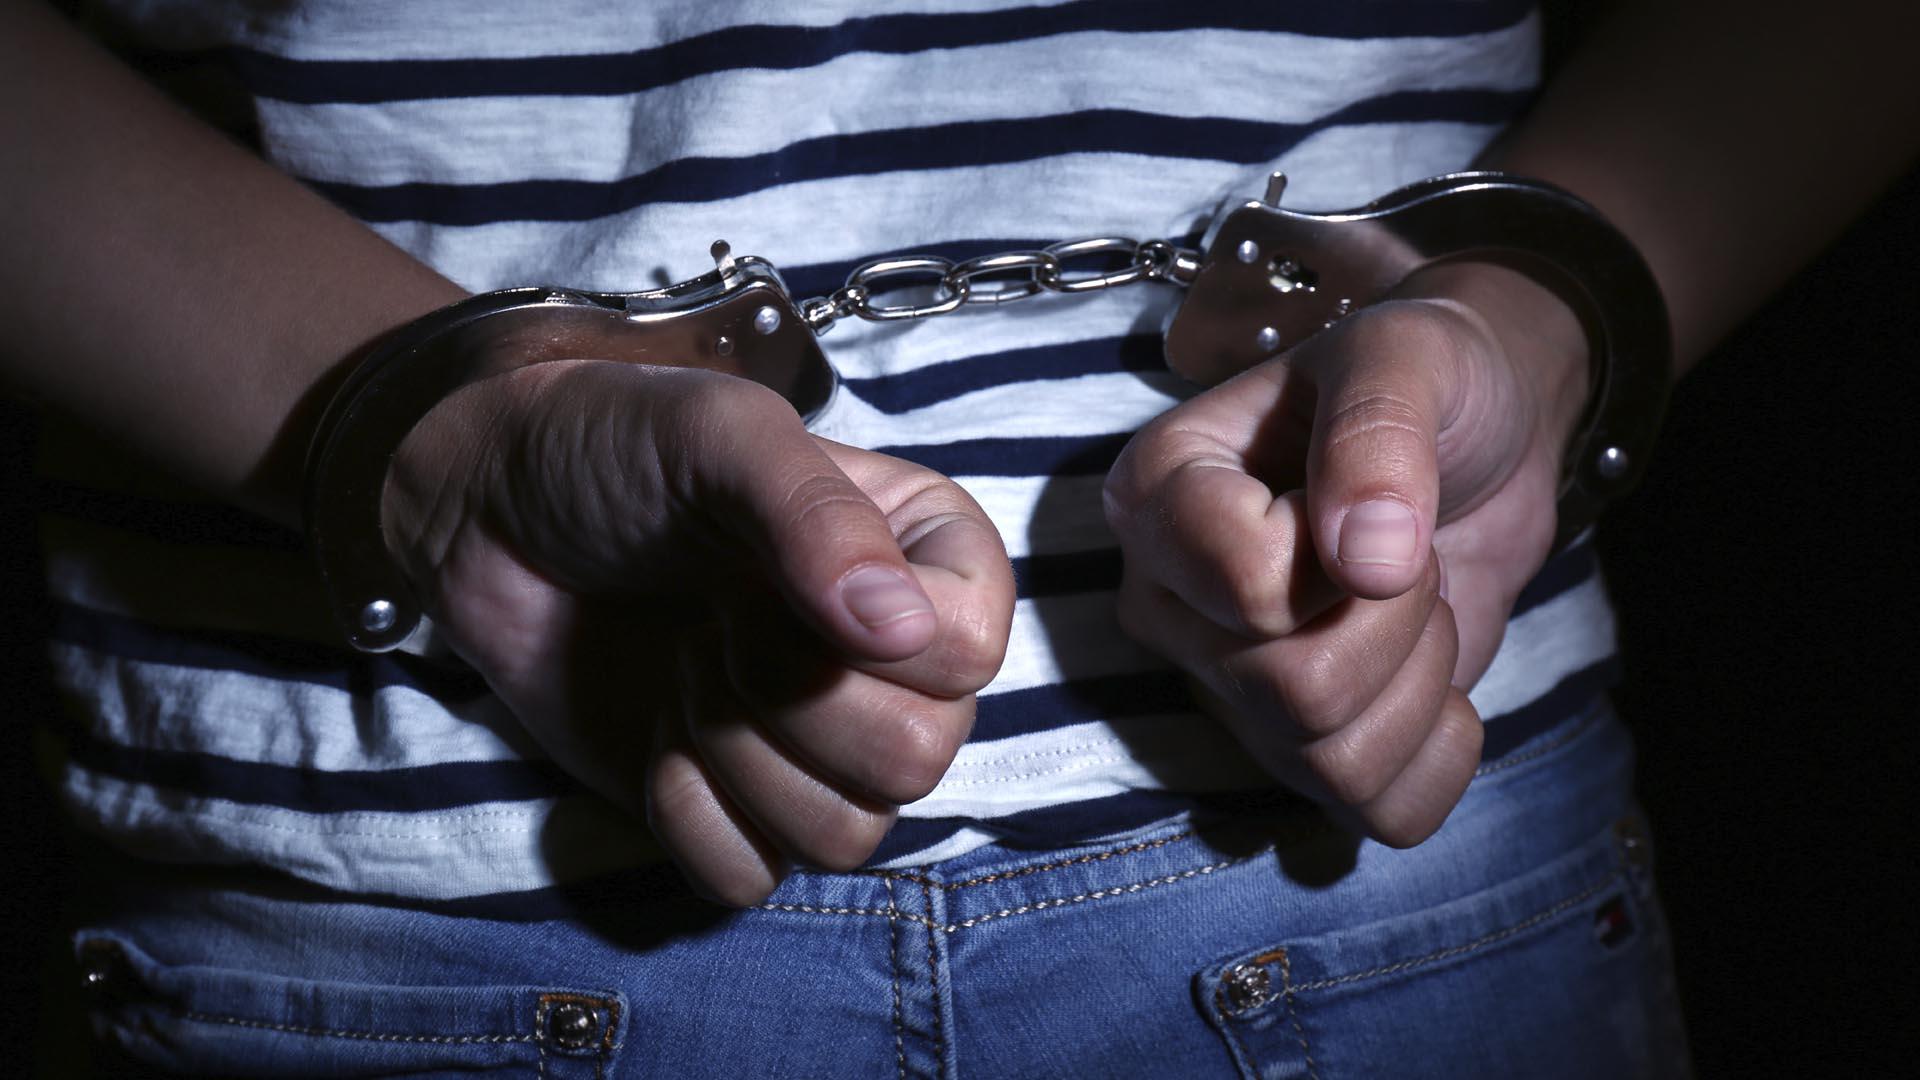 Las autoridades arrestaron a una pareja y a un joven de 23 años